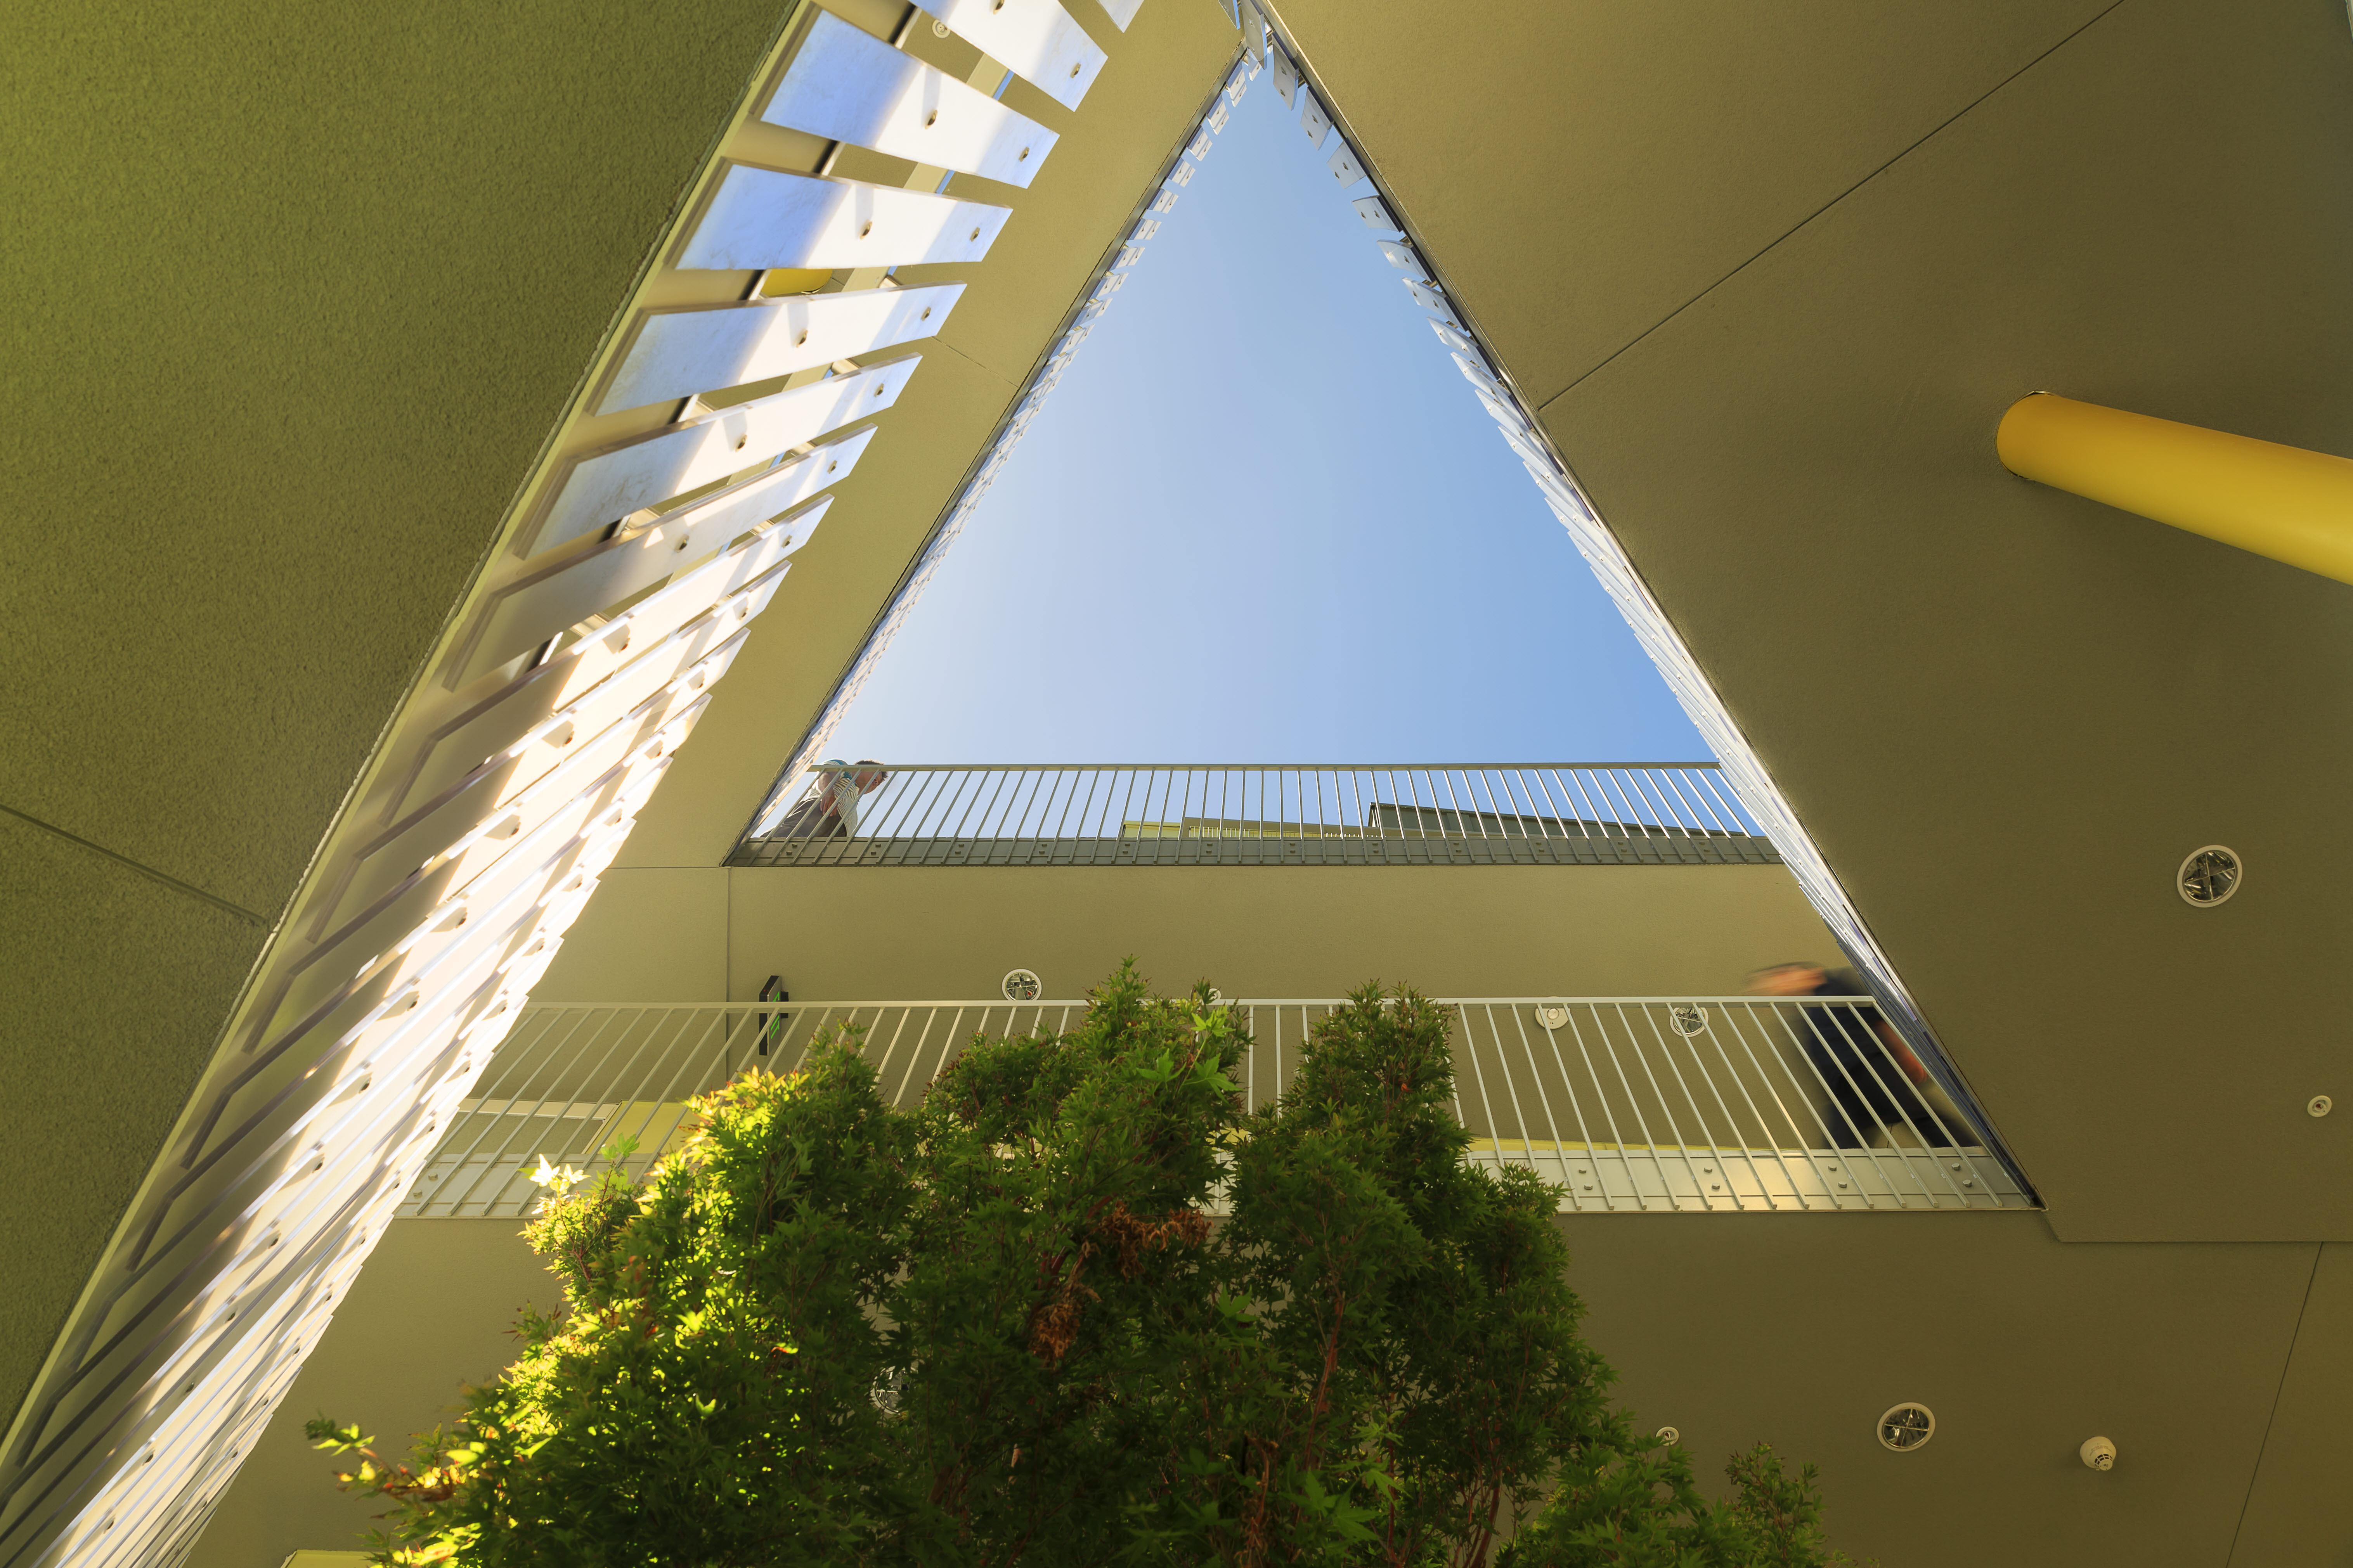 〔안정원의 디자인 칼럼〕 다리, 보도, 계단이 절묘하게 어우러진 주거 환경 2